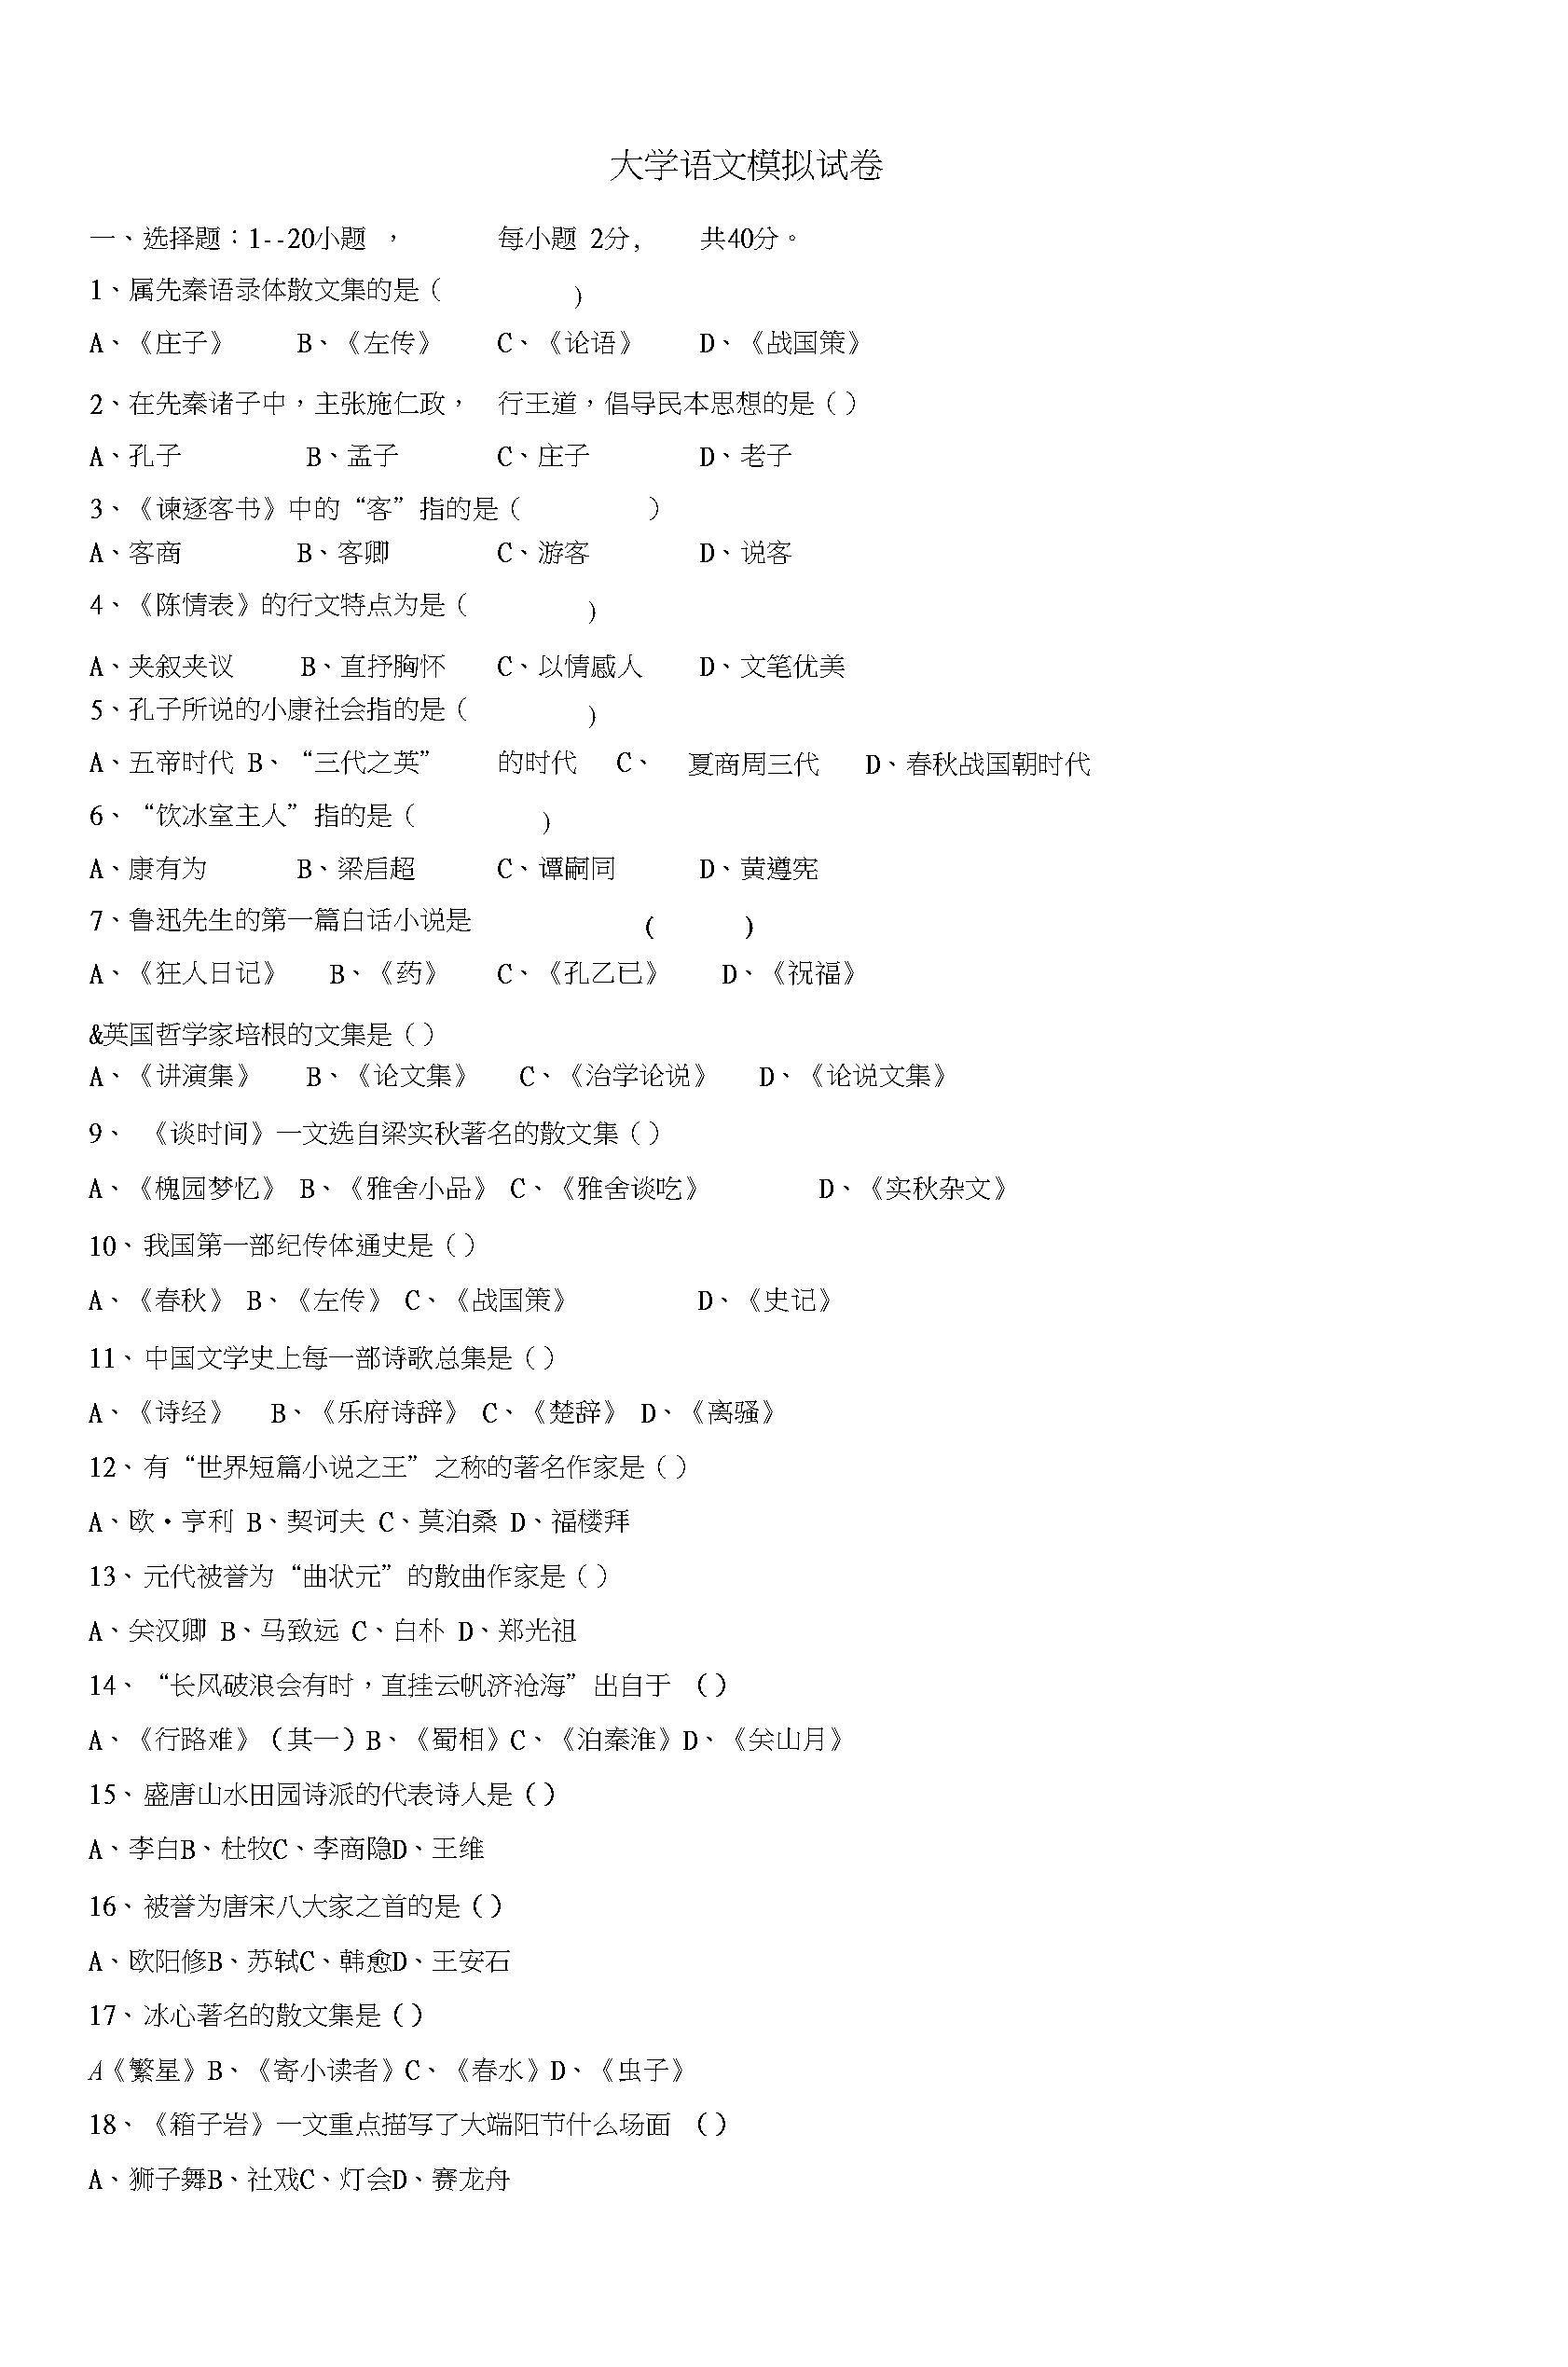 大学语文模拟试卷一-3.docx